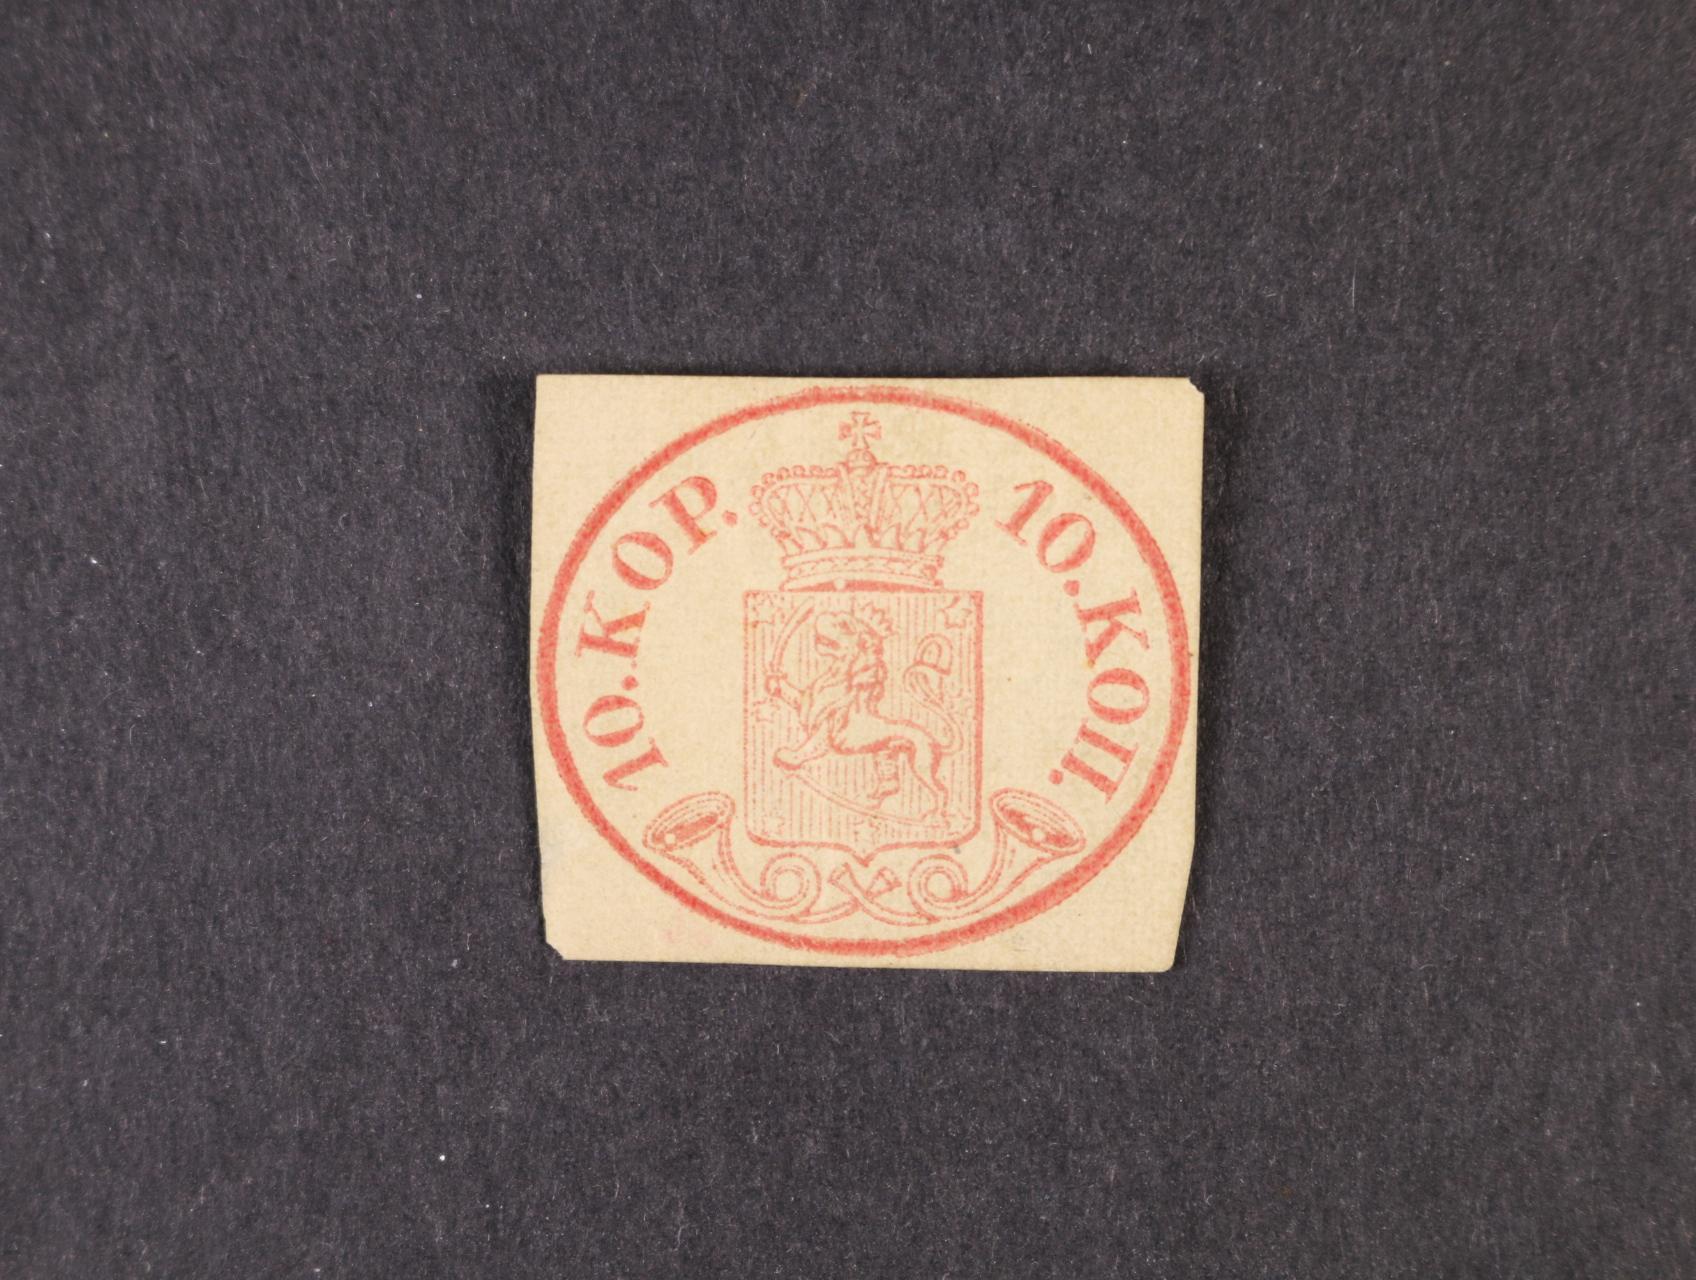 zn. Mi. č. 2, pěkný střih, v levém spodním rohu mimo obraz zn. zeslabený papír, na zadní str. majetnické značky